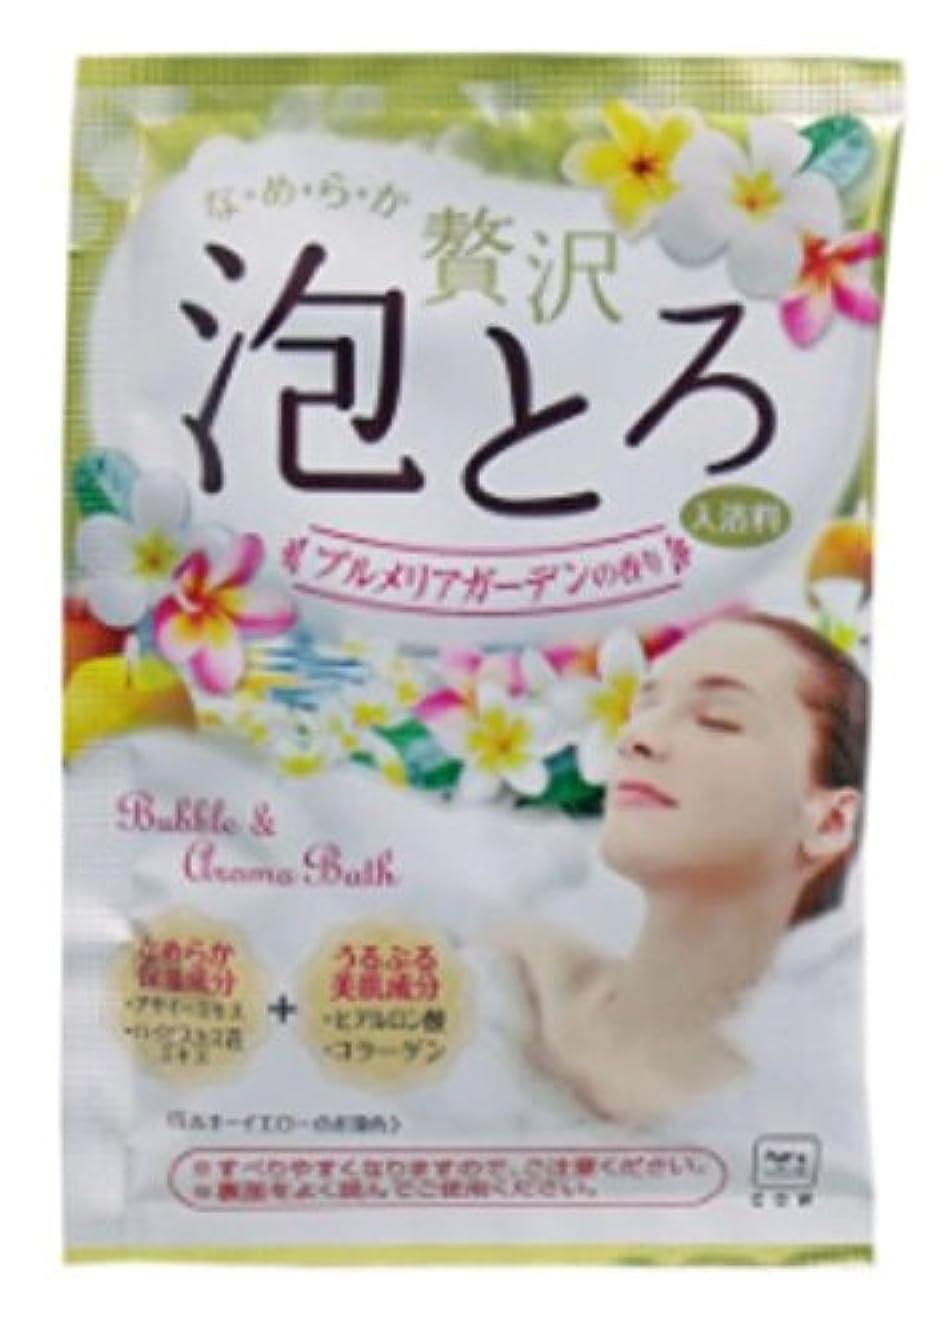 シェア推定鳴り響く牛乳石鹸共進社 お湯物語 贅沢泡とろ 入浴料 プルメリアガーデンの香り 30g 3個セット